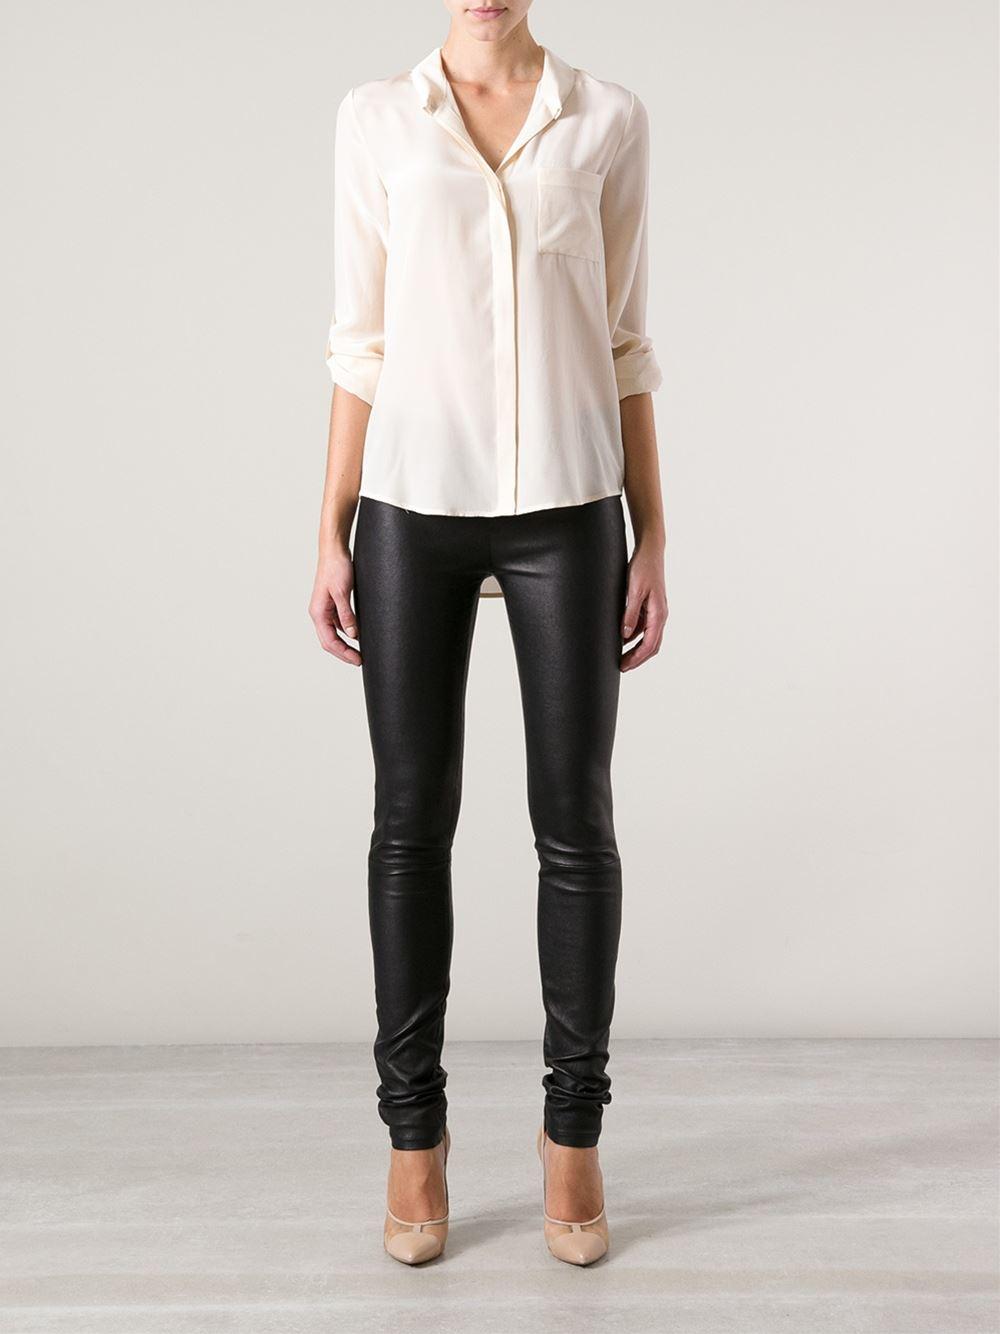 Diane von furstenberg open collar blouse